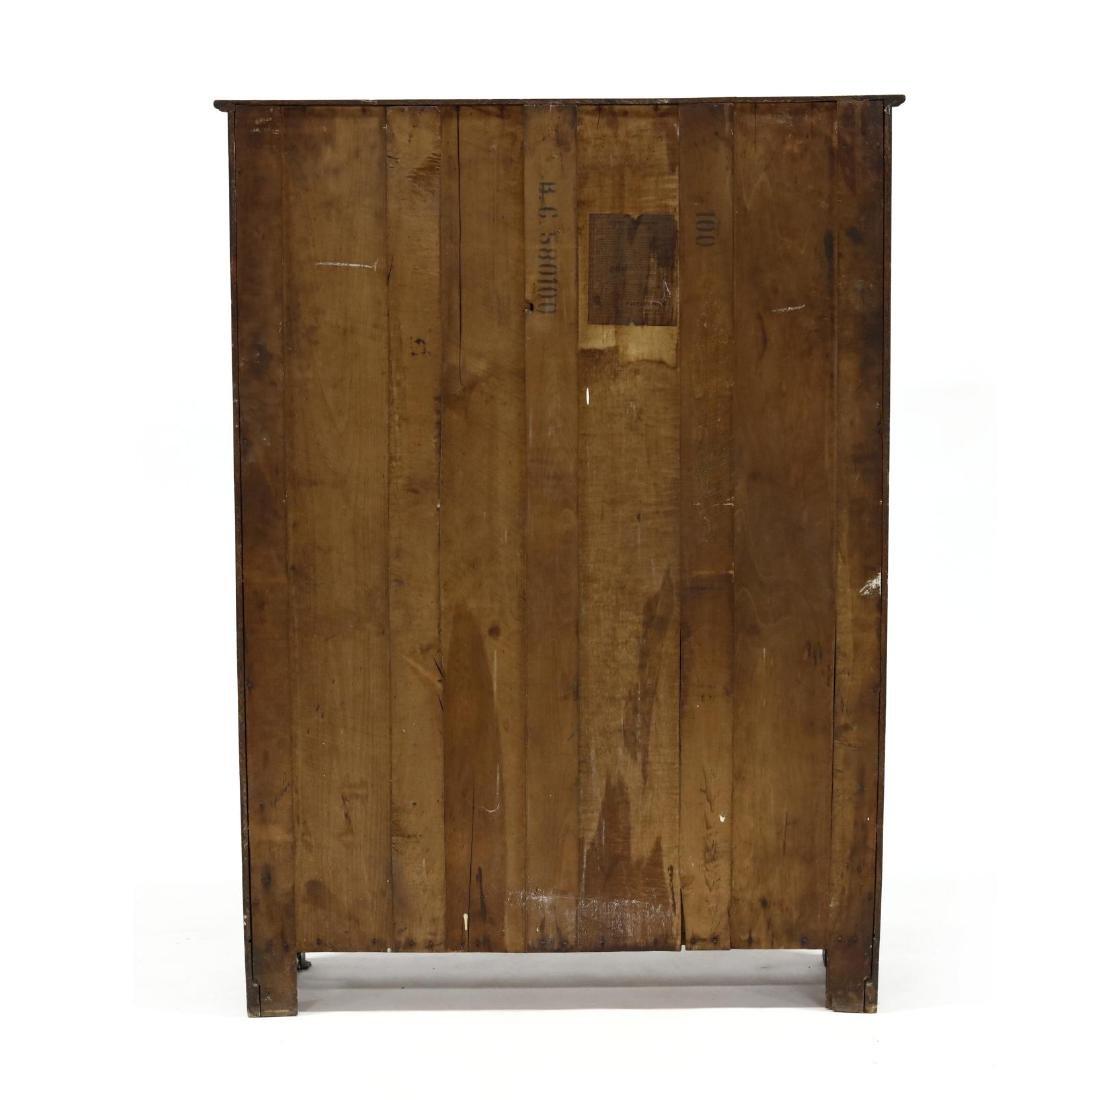 Larkin Soap Co. Oak Display Cabinet - 5